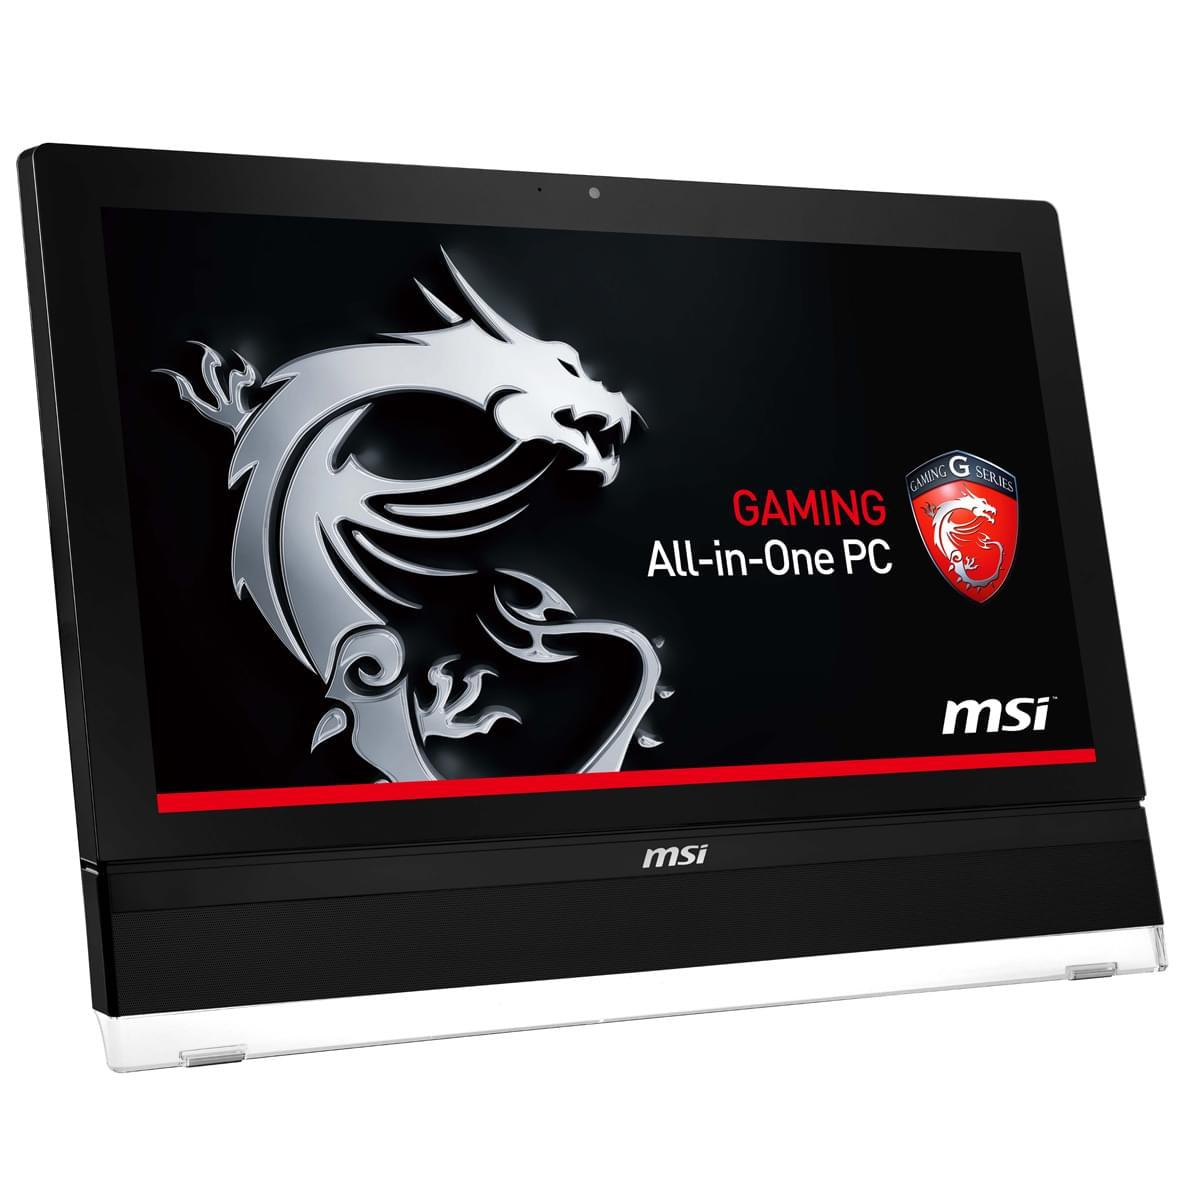 MSI AG2712-002EU - All-In-One PC MSI - Cybertek.fr - 0